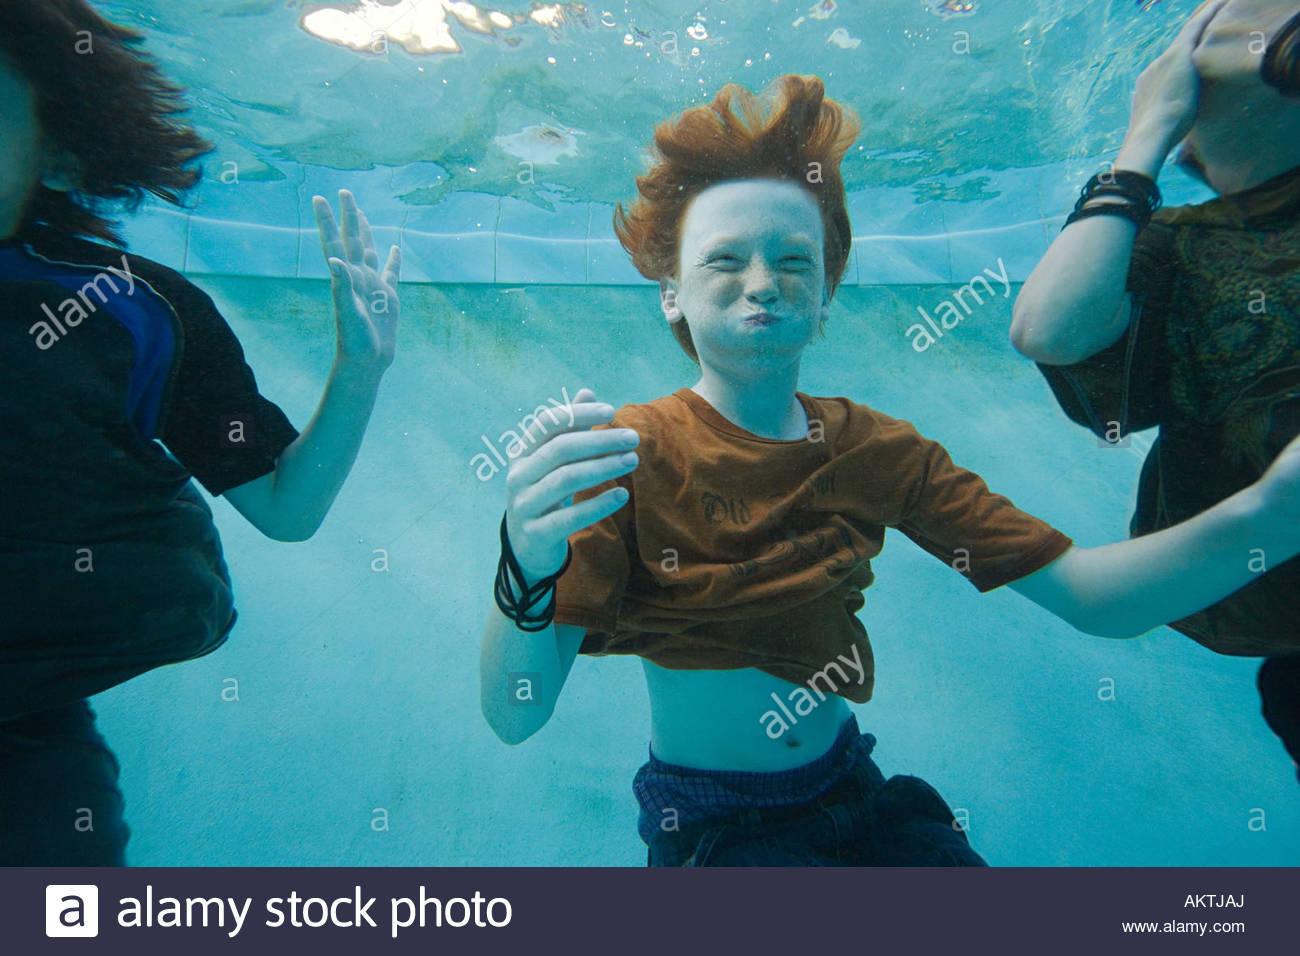 I ragazzi di nuoto sott'acqua Immagini Stock